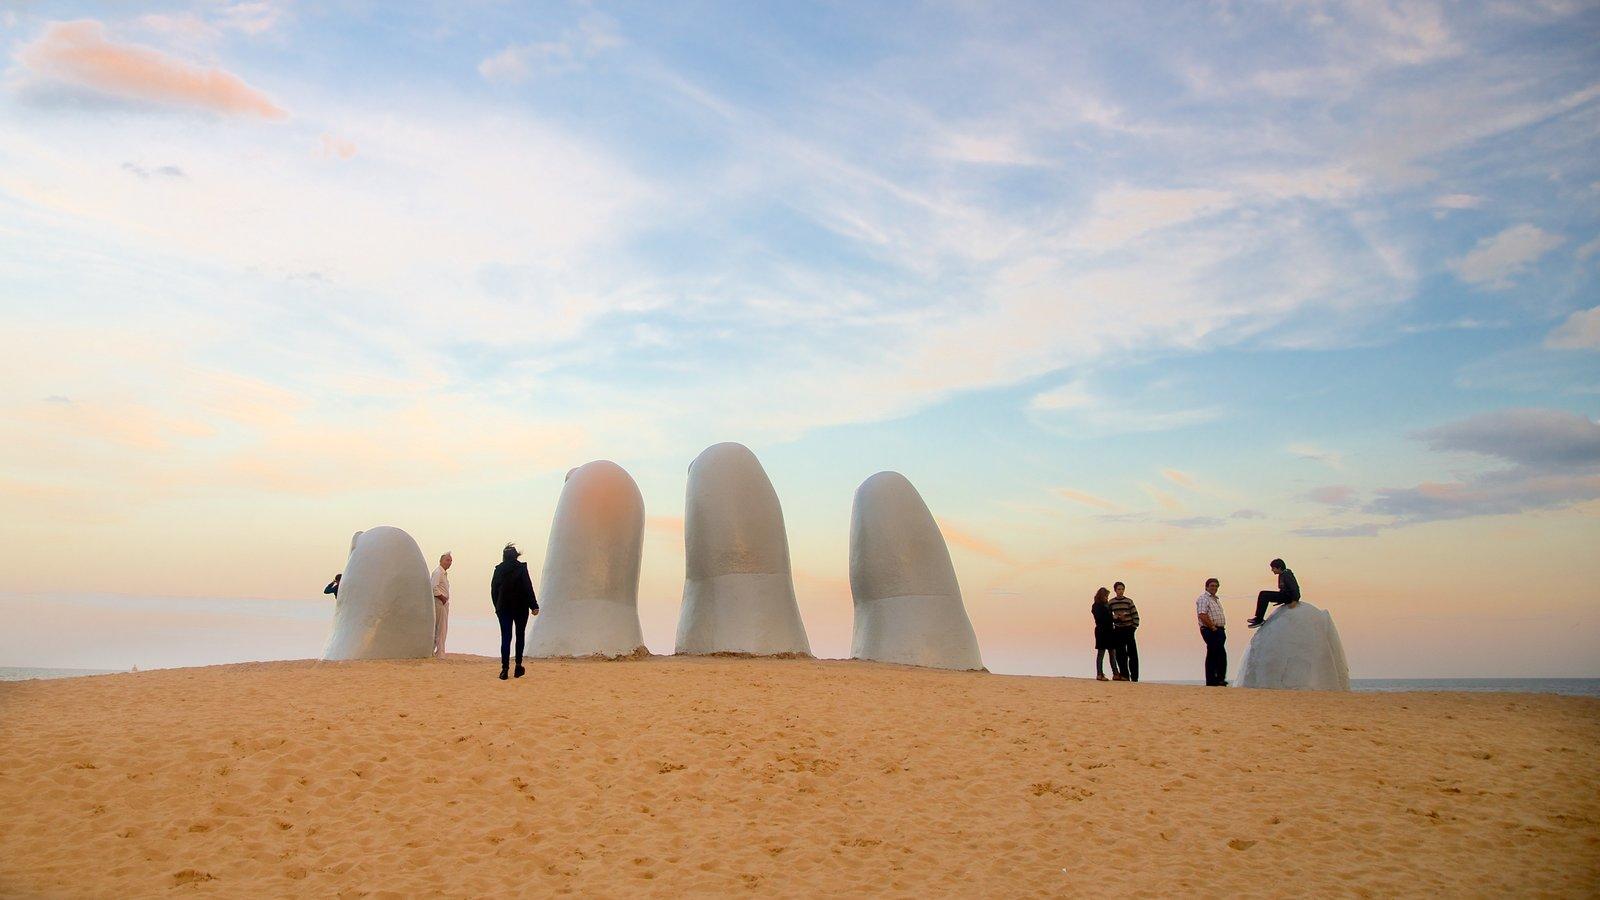 Playa Brava caracterizando um pôr do sol, paisagens litorâneas e uma estátua ou escultura